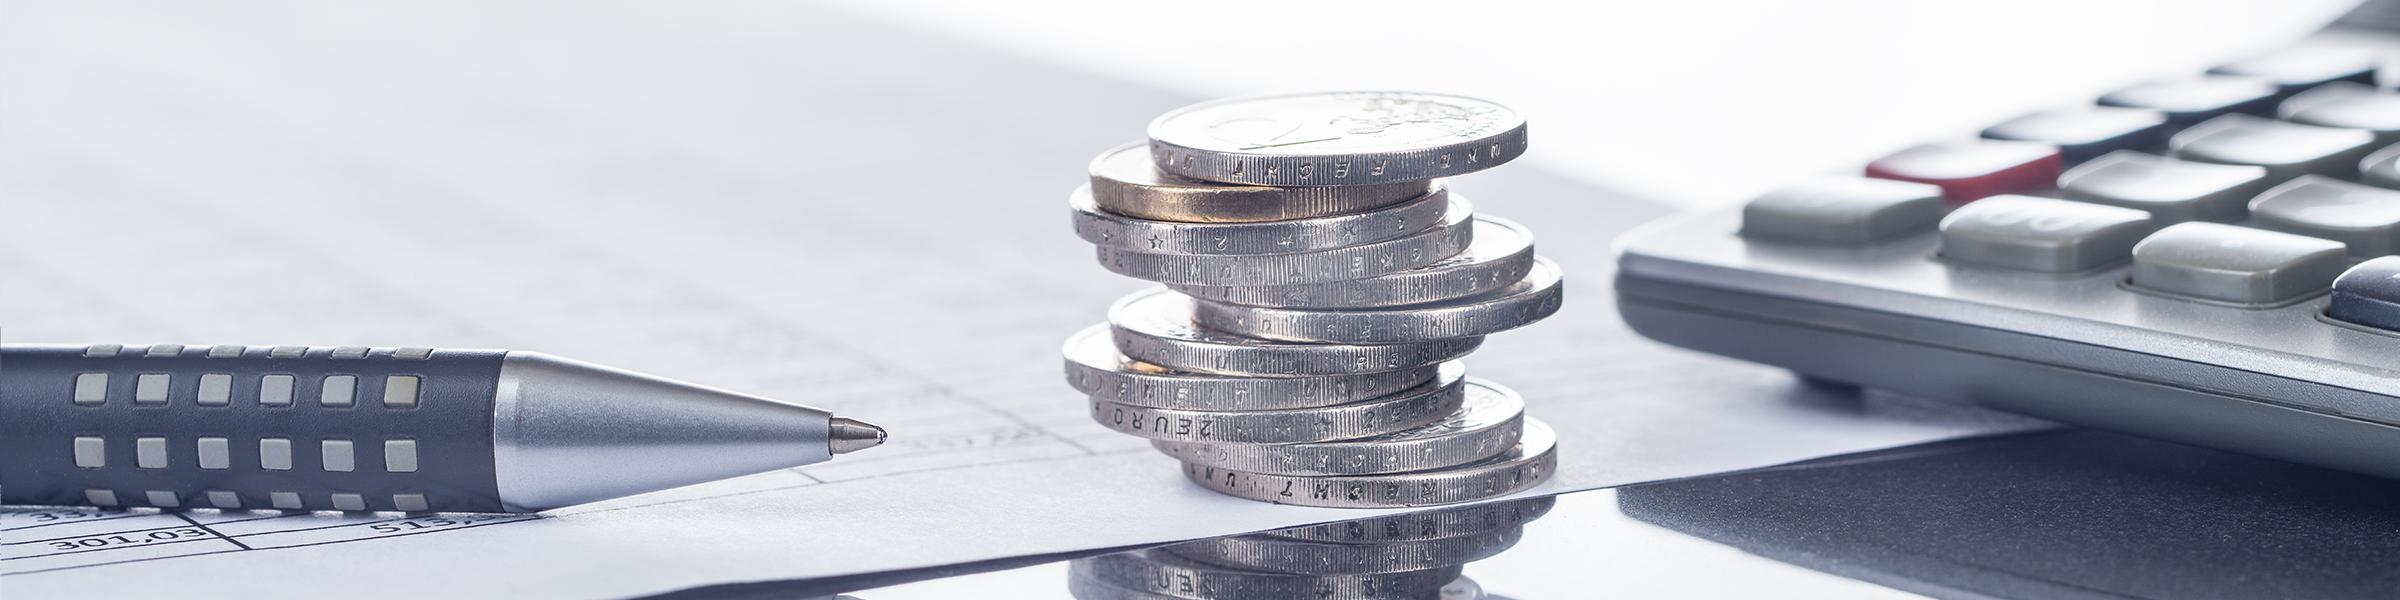 Finanzierung und Versicherung